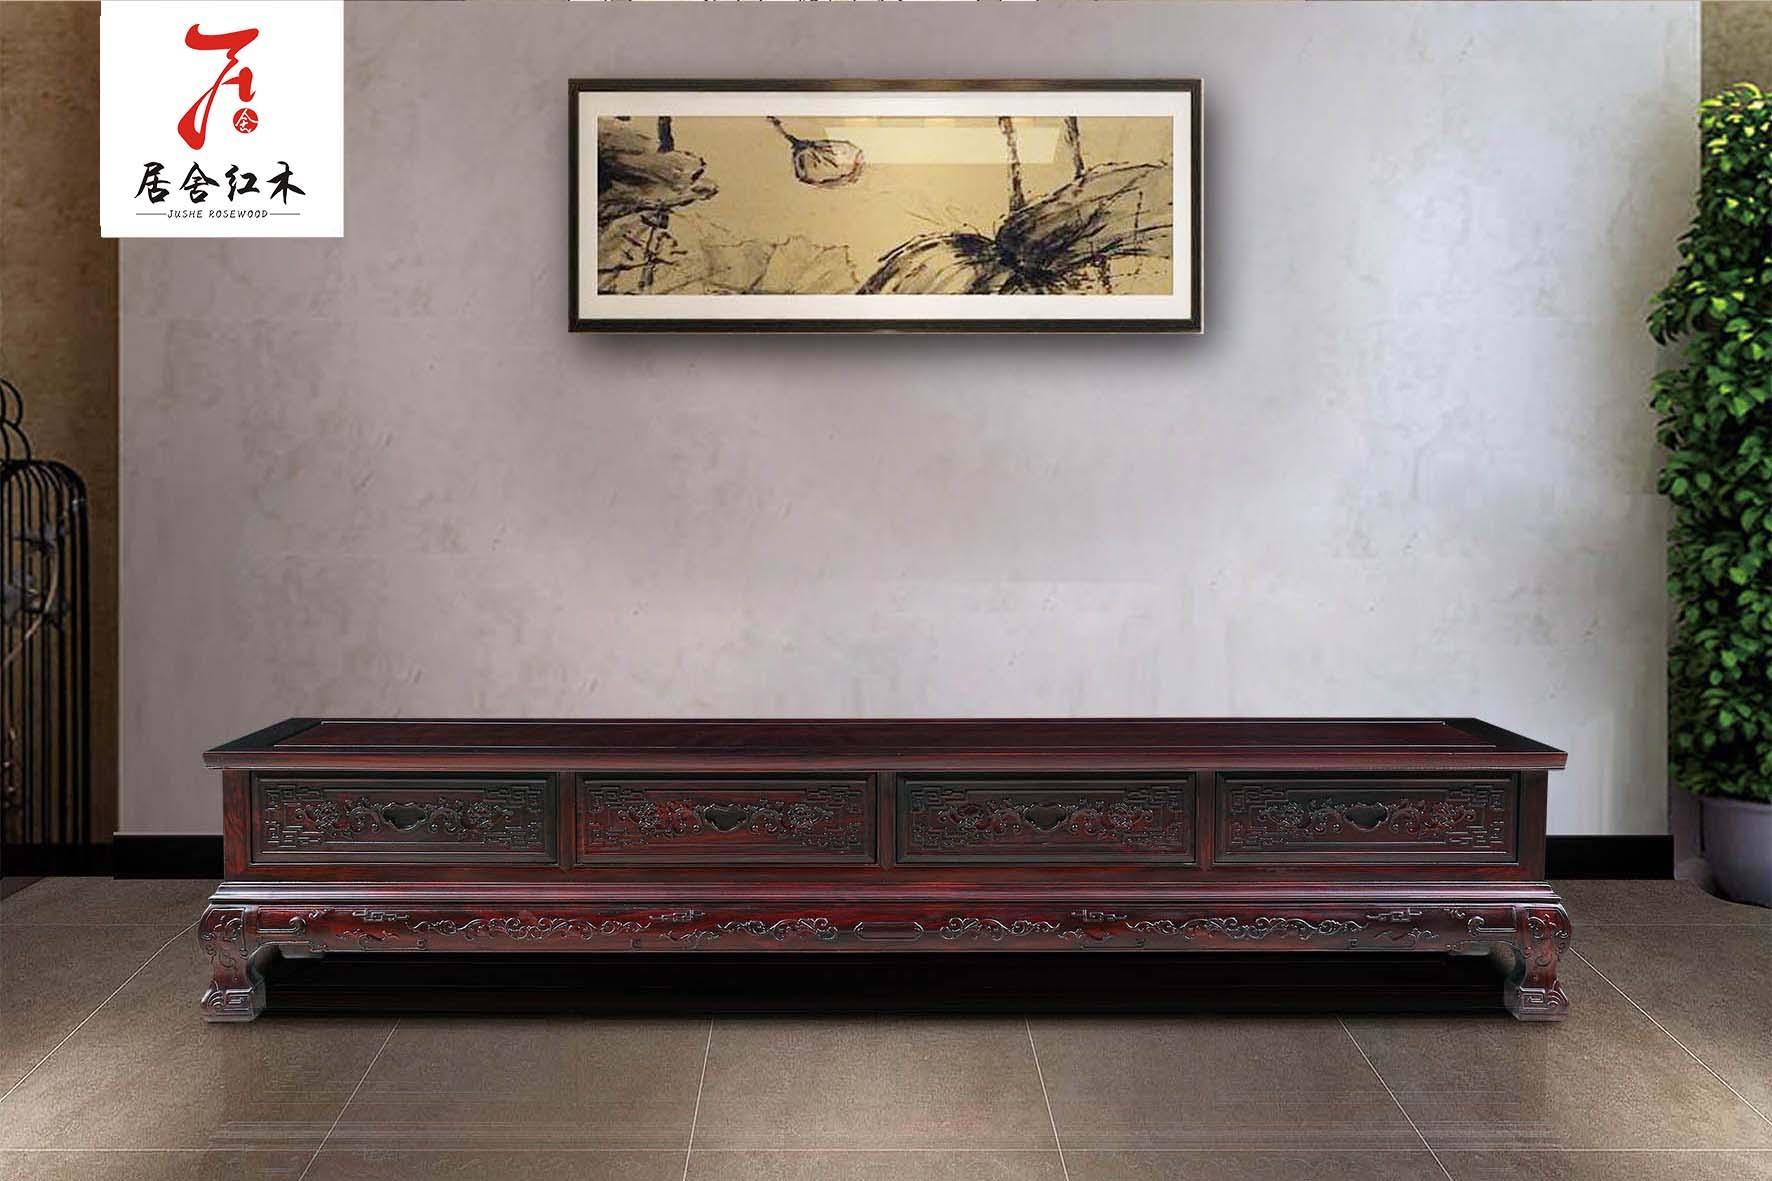 黑酸枝家具红木电视柜 3